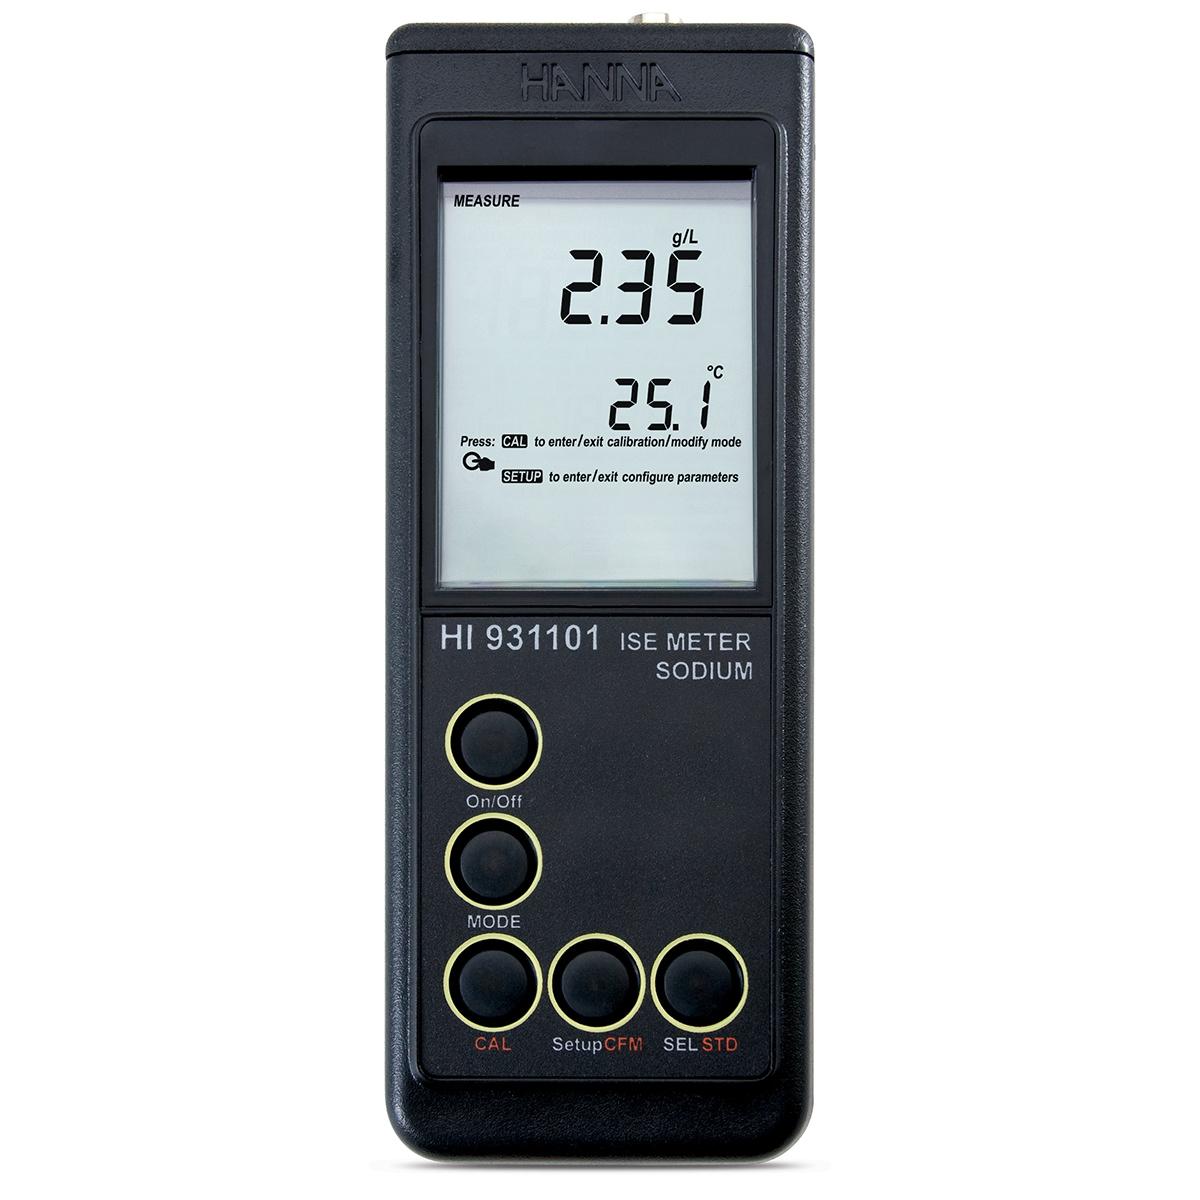 Misuratore portatile di sodio - HI931101